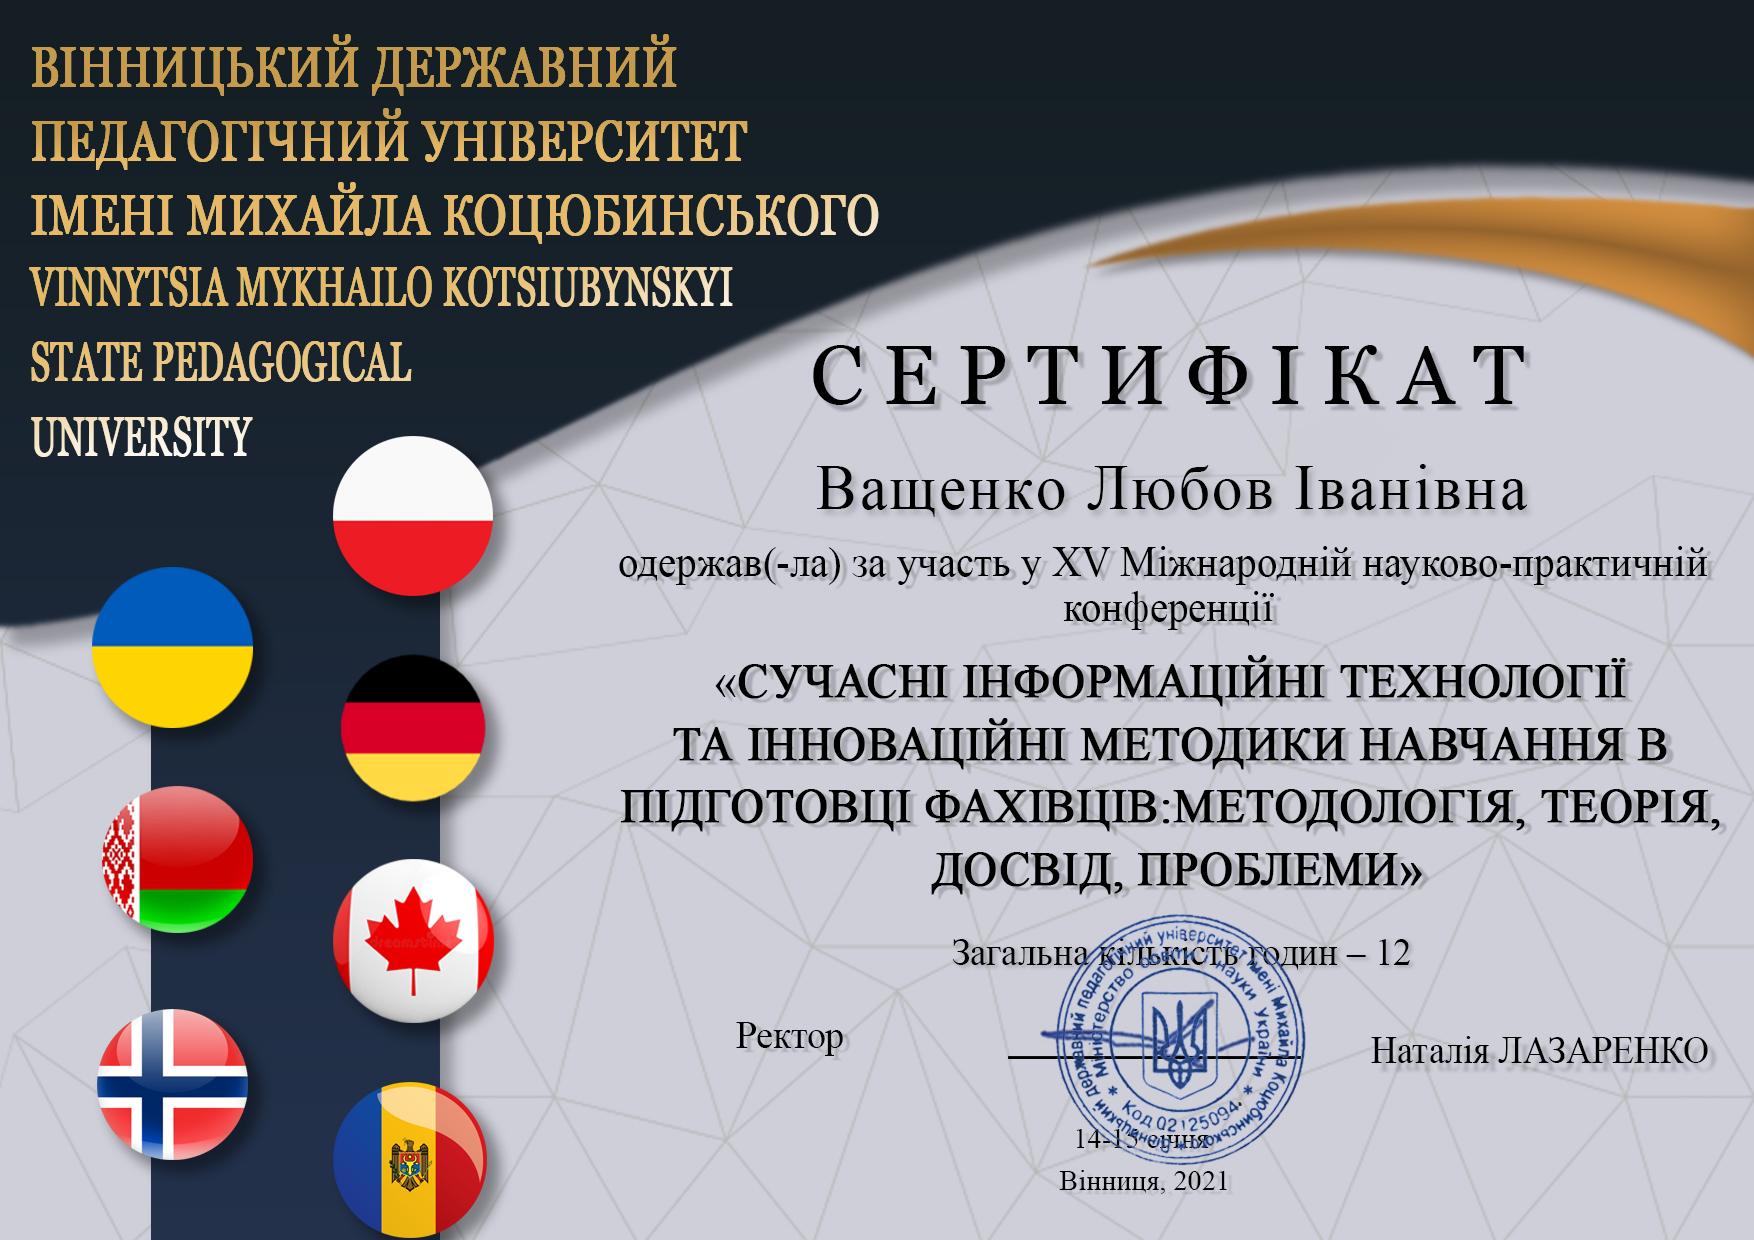 Ващенко Любов Іванівна